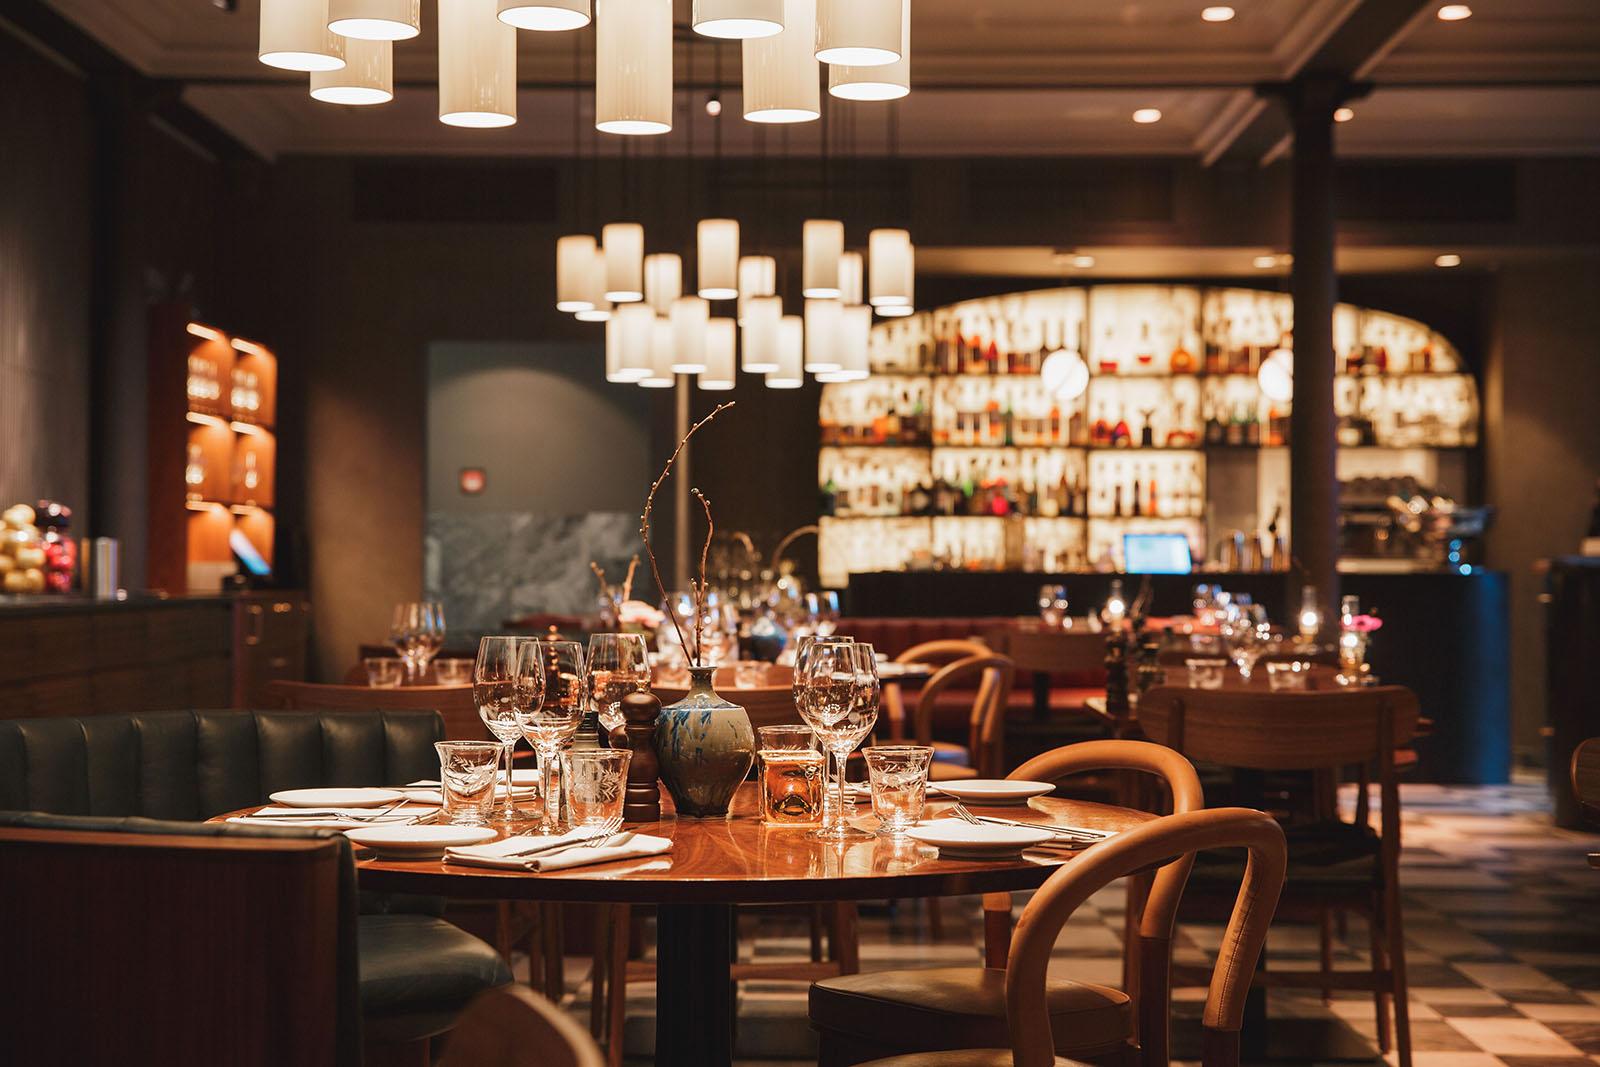 Vi levererar högkvalitativa lösningar inom ljusdesign i Stockholm, som här på Restaurang NOI, Nobis Hotel Stockholm.